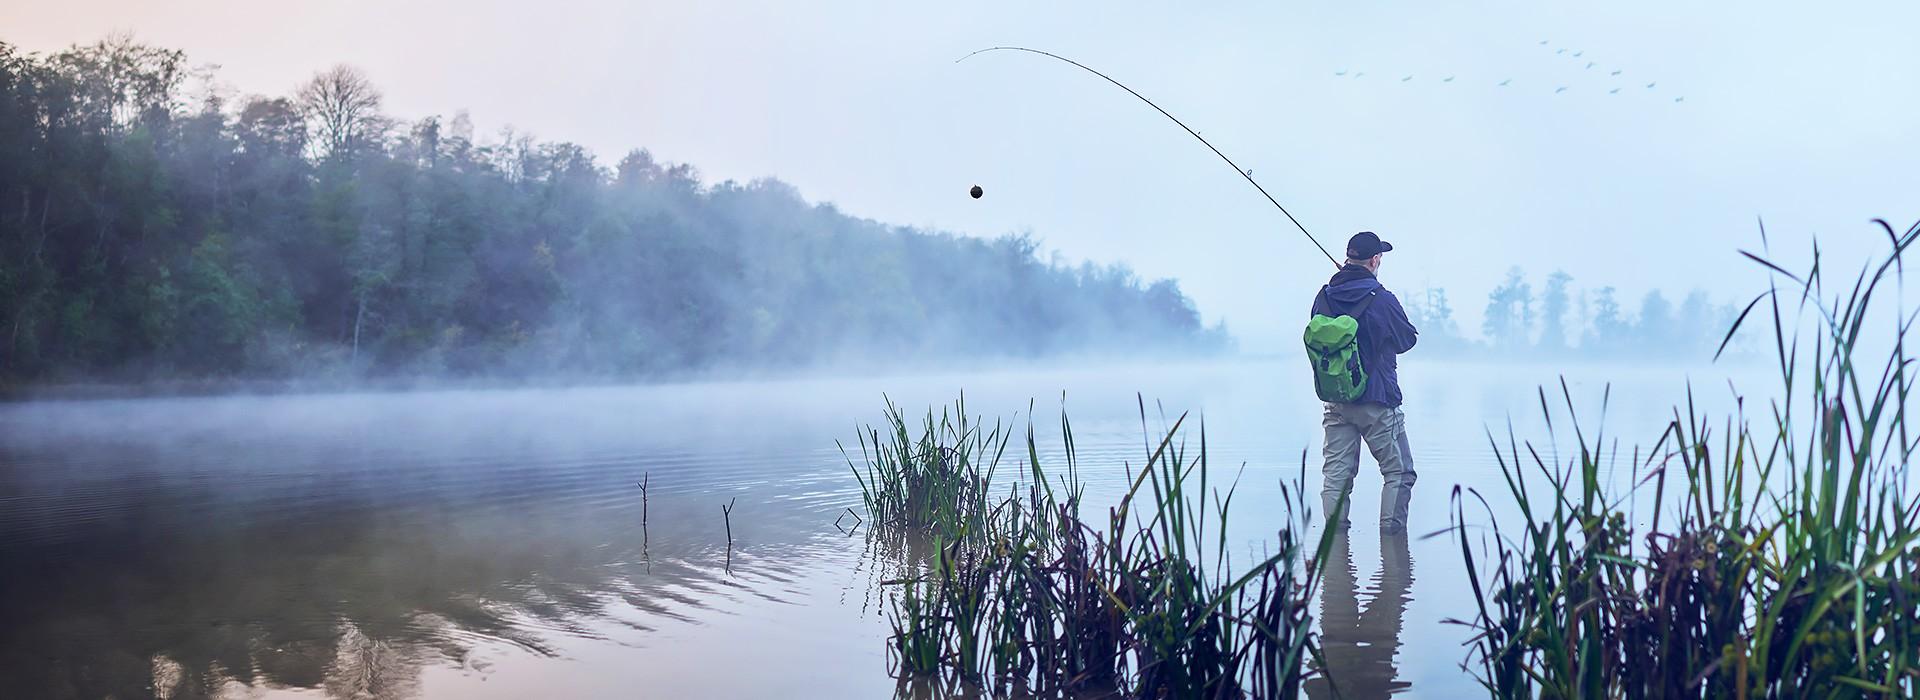 Bereiten Sie sich auf die bevorstehende Angelsaison vorFangen Sie schon ab 189,99 € klüger an zu fischen!